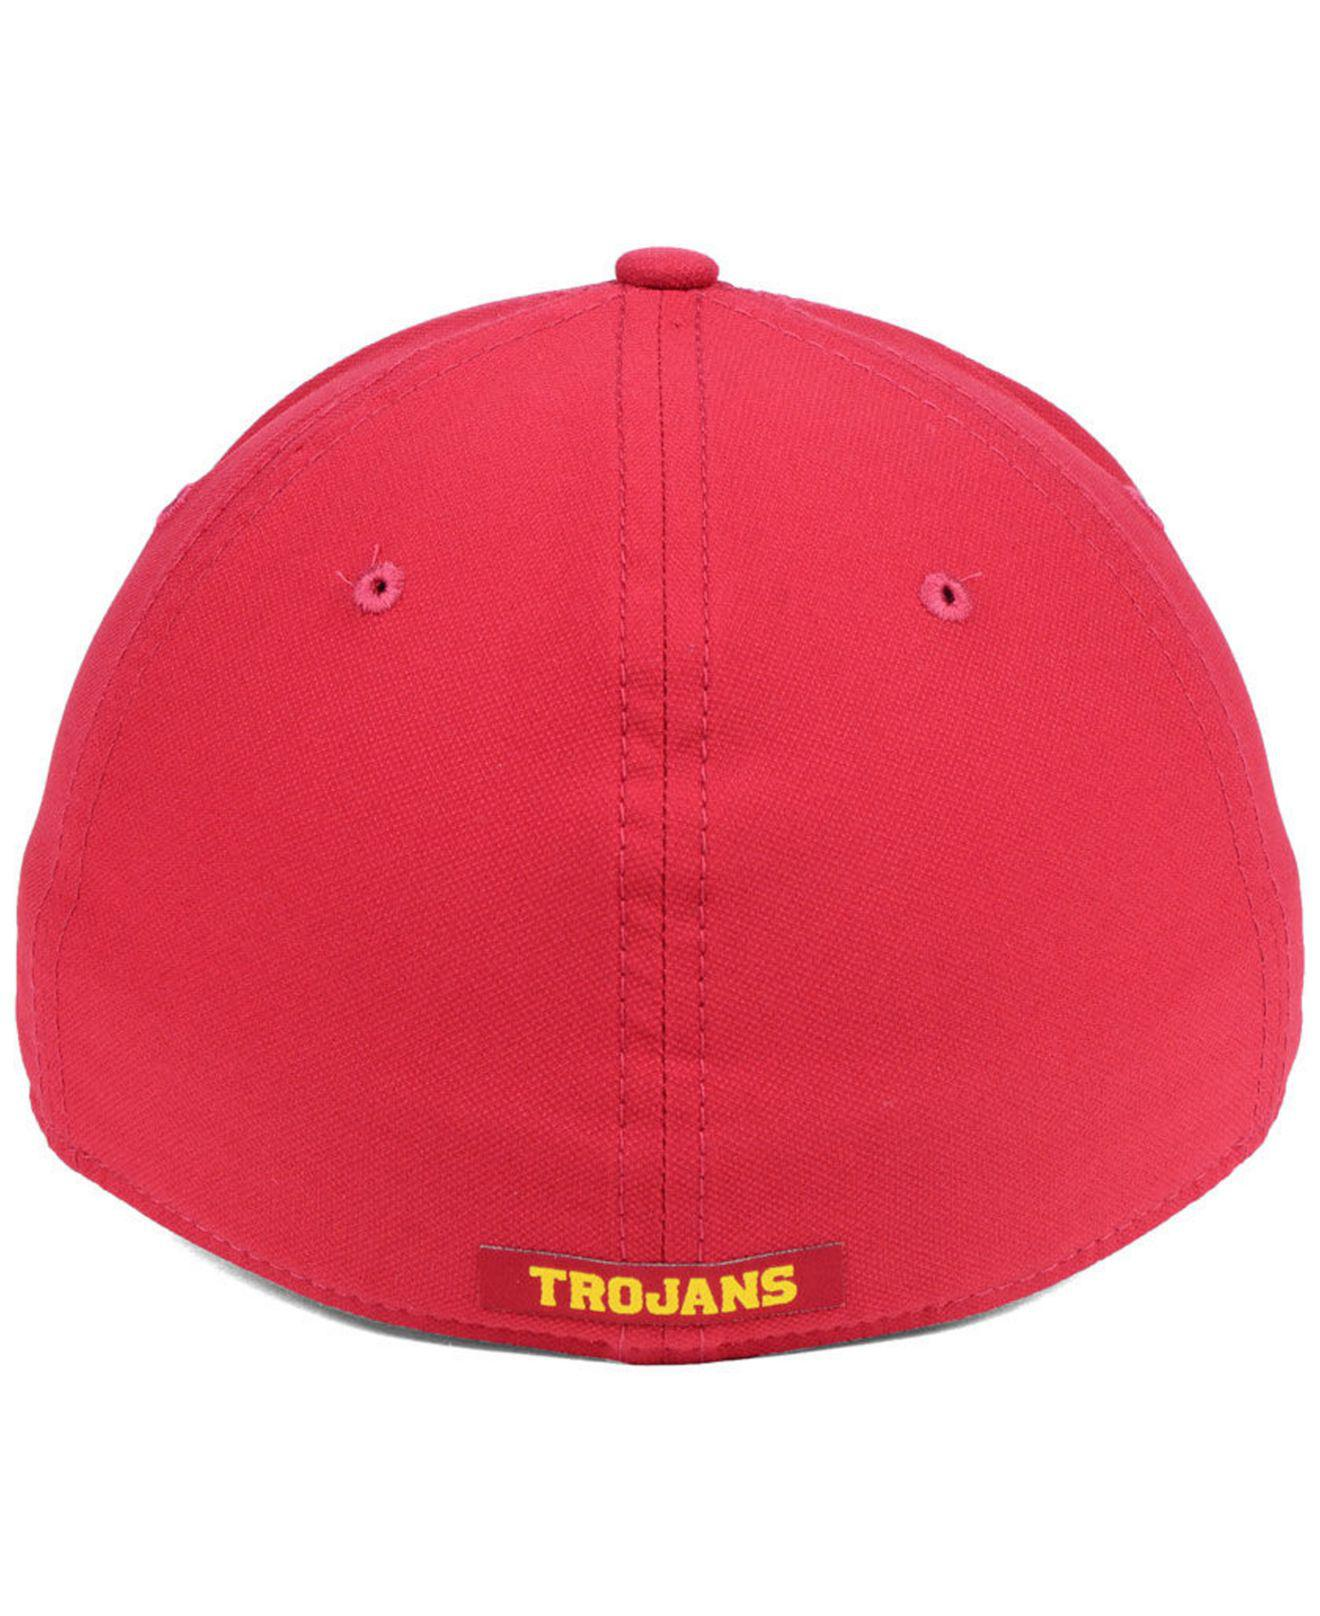 d355b5c466ed6 italy nike red usc trojans arobill swoosh flex cap for men lyst. view  fullscreen f8f5a